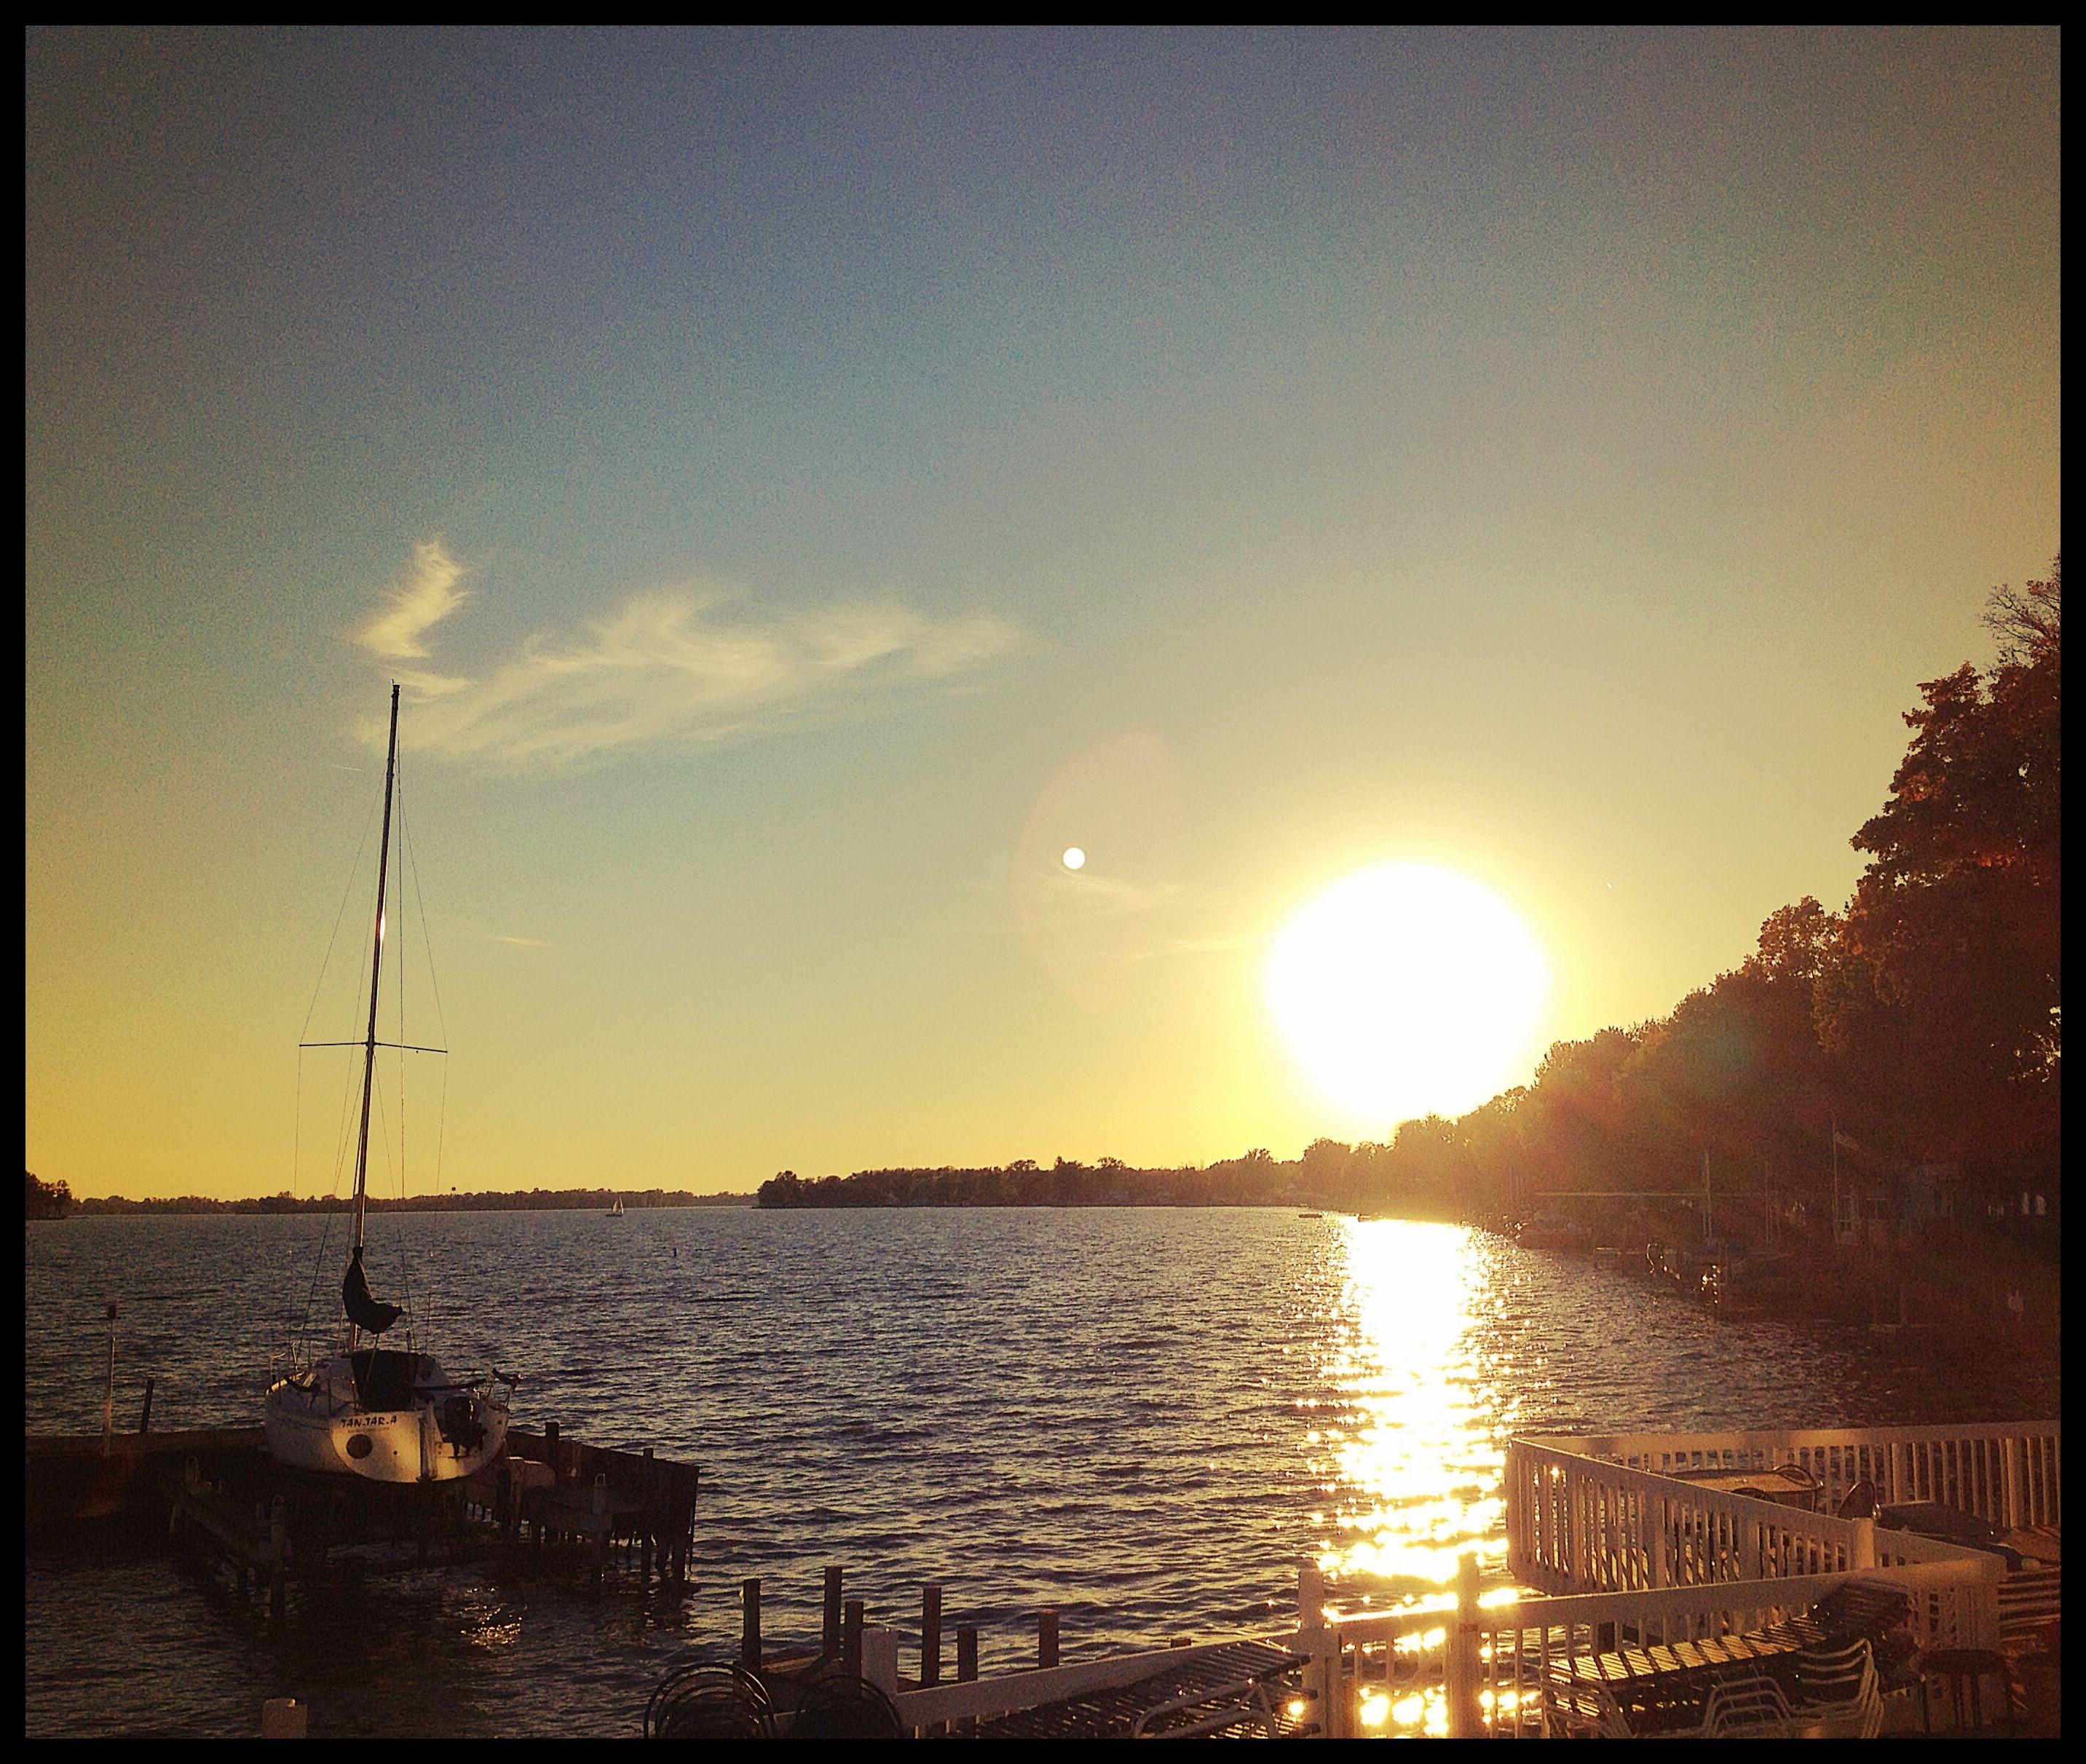 Phone photography sunset at buckeye lake buckeye lake